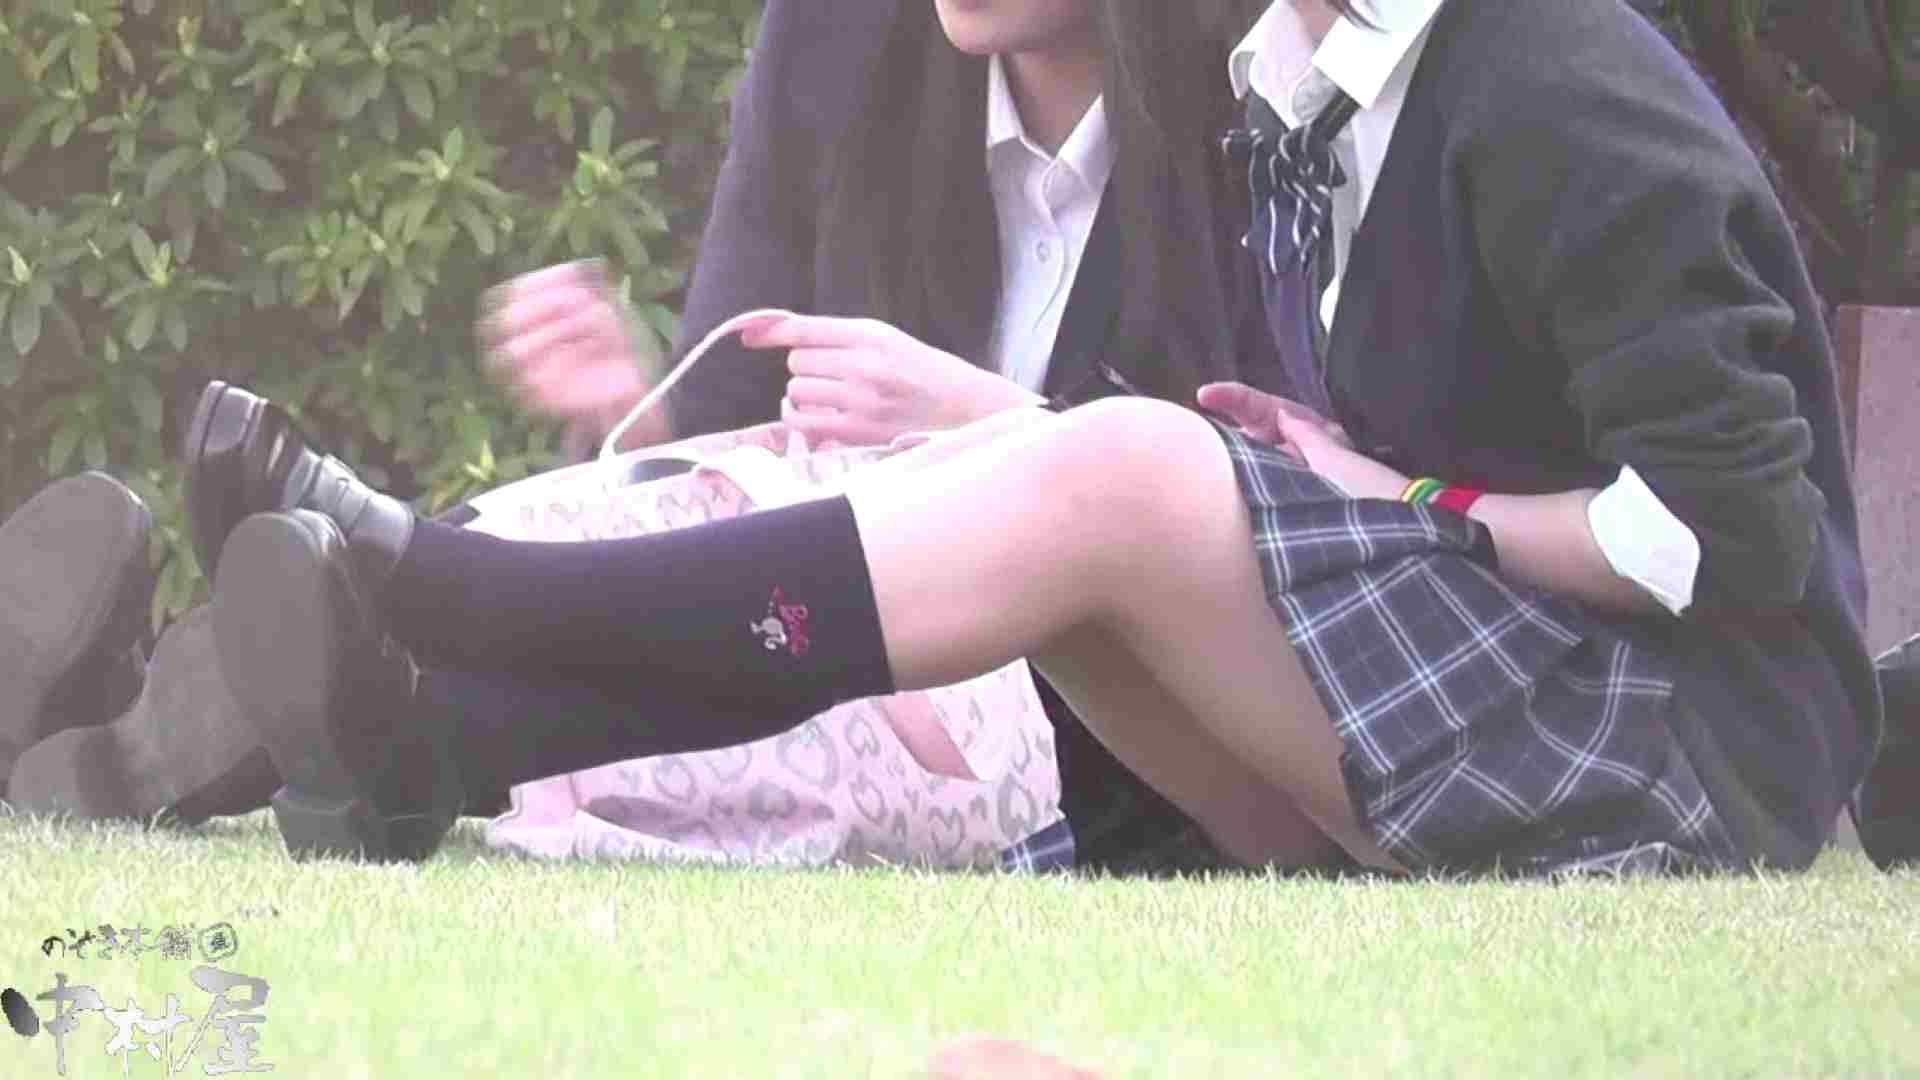 ドキドキ❤新入生パンチラ歓迎会vol.04 盗撮シリーズ すけべAV動画紹介 92PIX 90